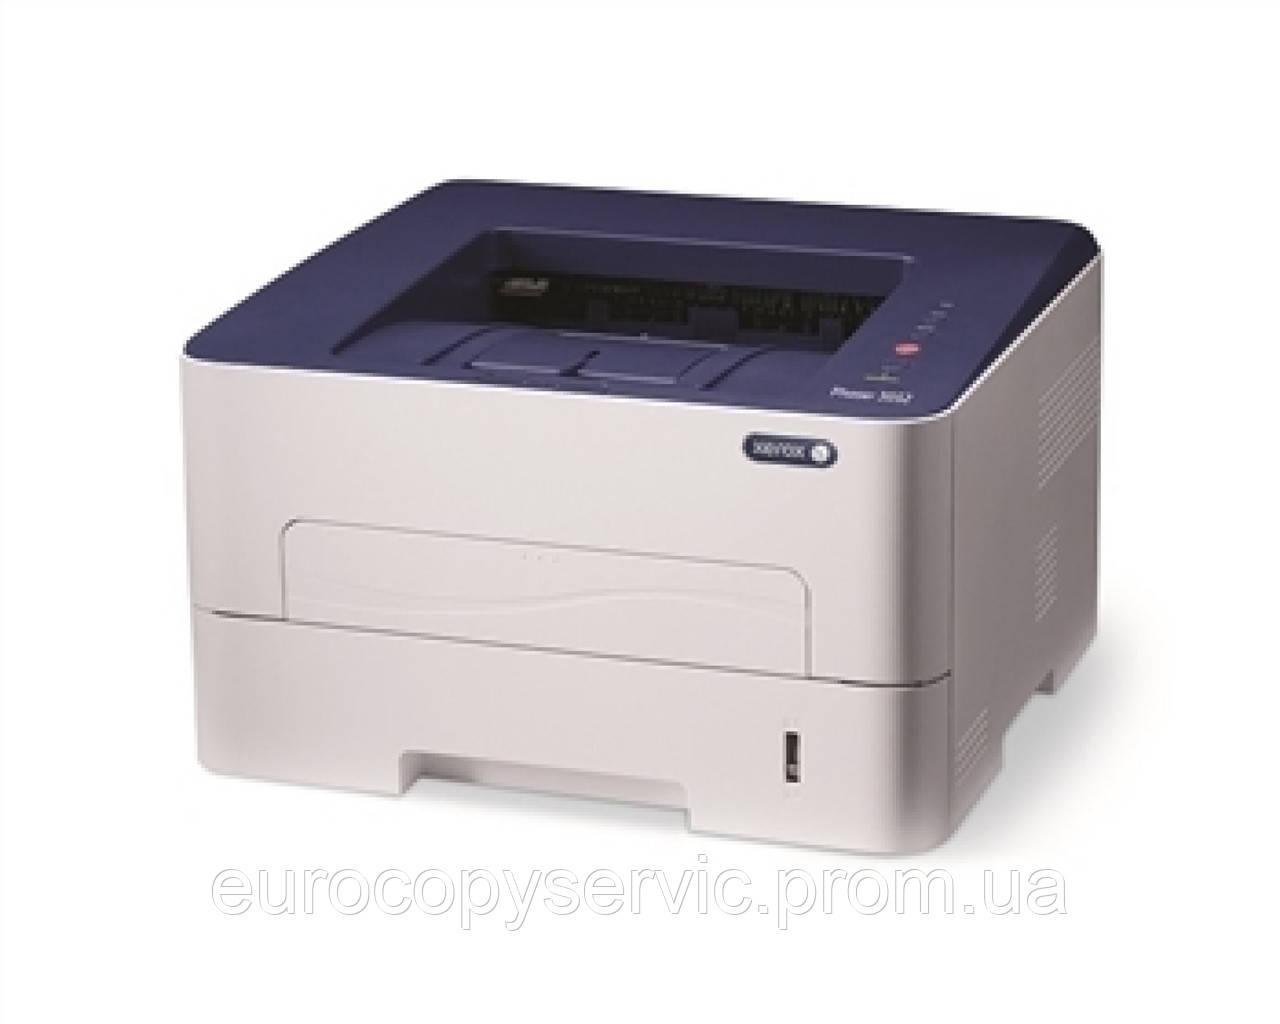 Принтер А4 Xerox Phaser 3052NI(3052V_NI) з Wi-Fi